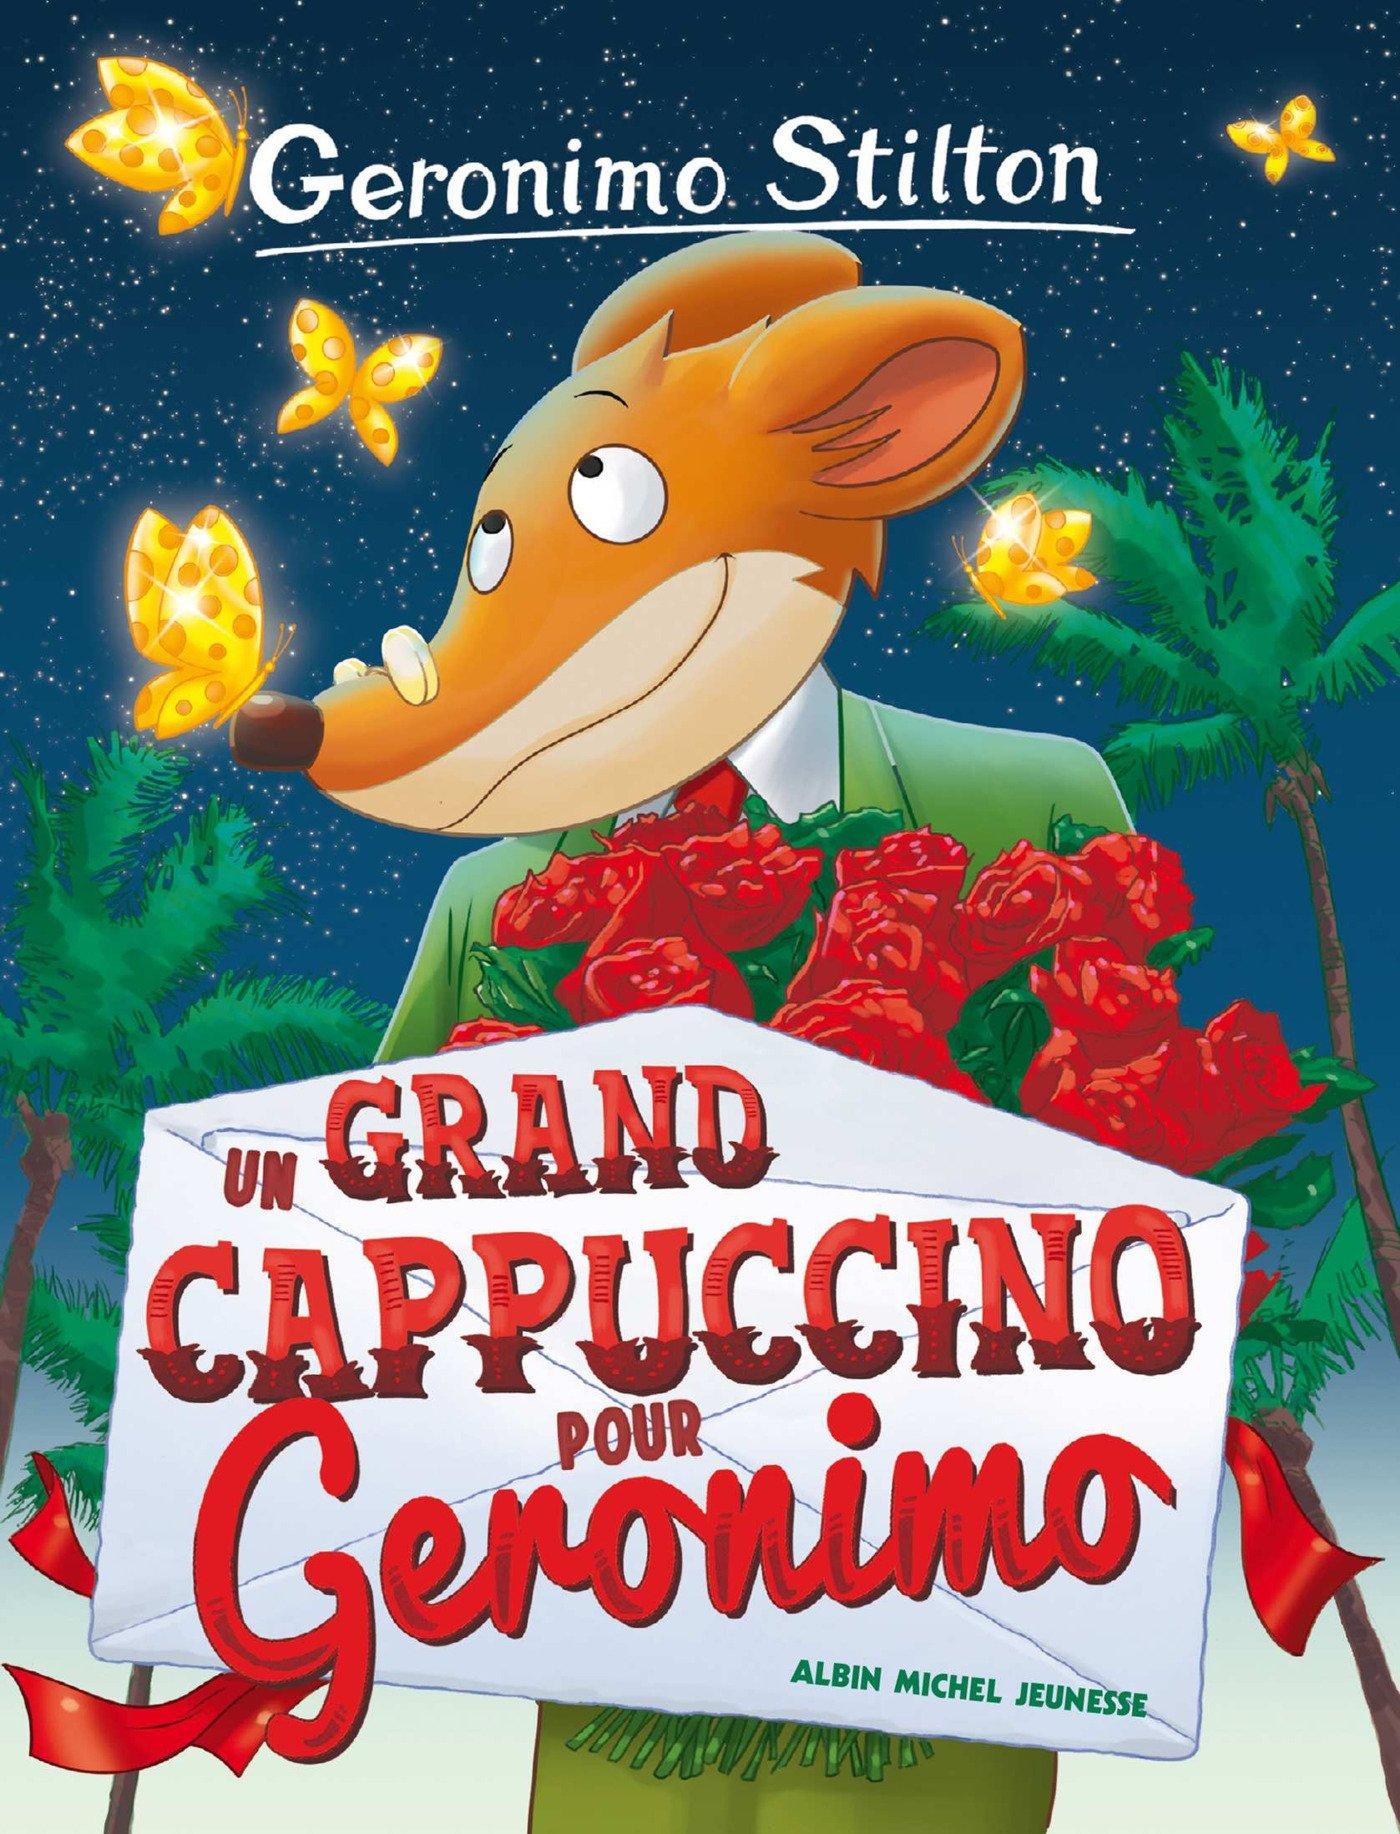 Un grand cappuccino pour Géronimo